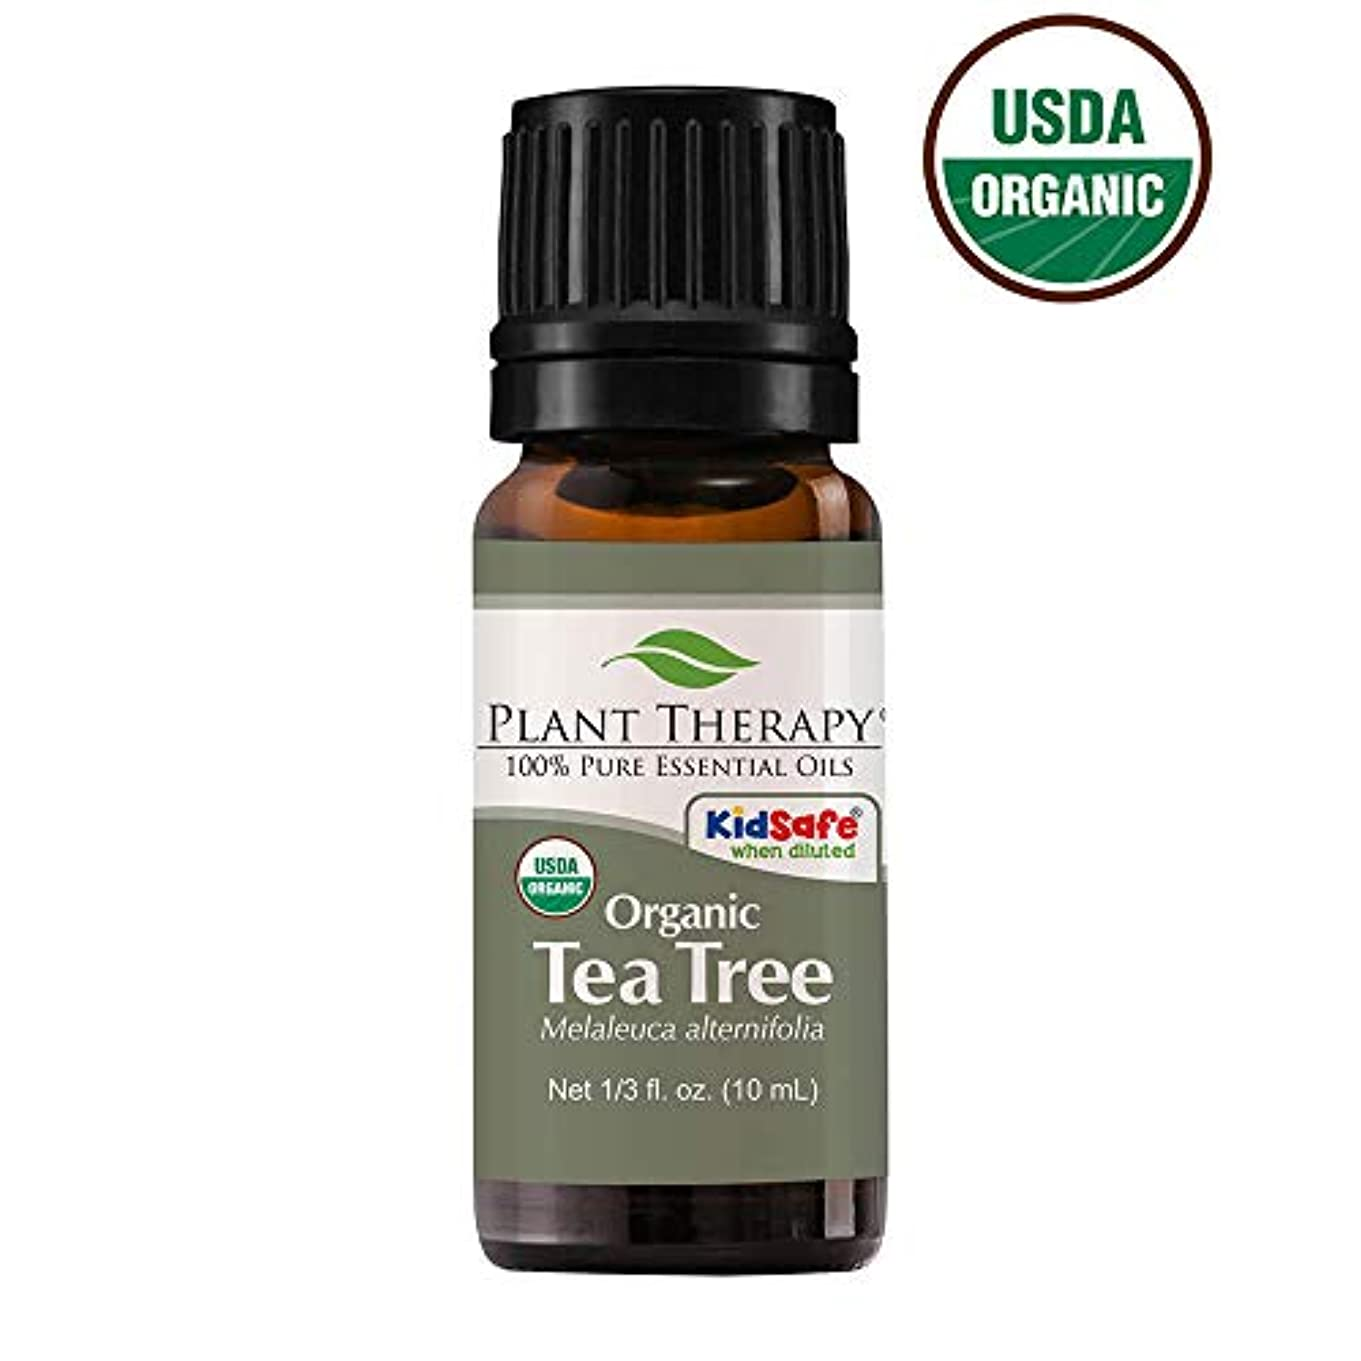 言い換えるとバッテリー直感Plant Therapy Essential Oils (プラントセラピー エッセンシャルオイル) オーガニック ティーツリー (メラルーカ) エッセンシャルオイル